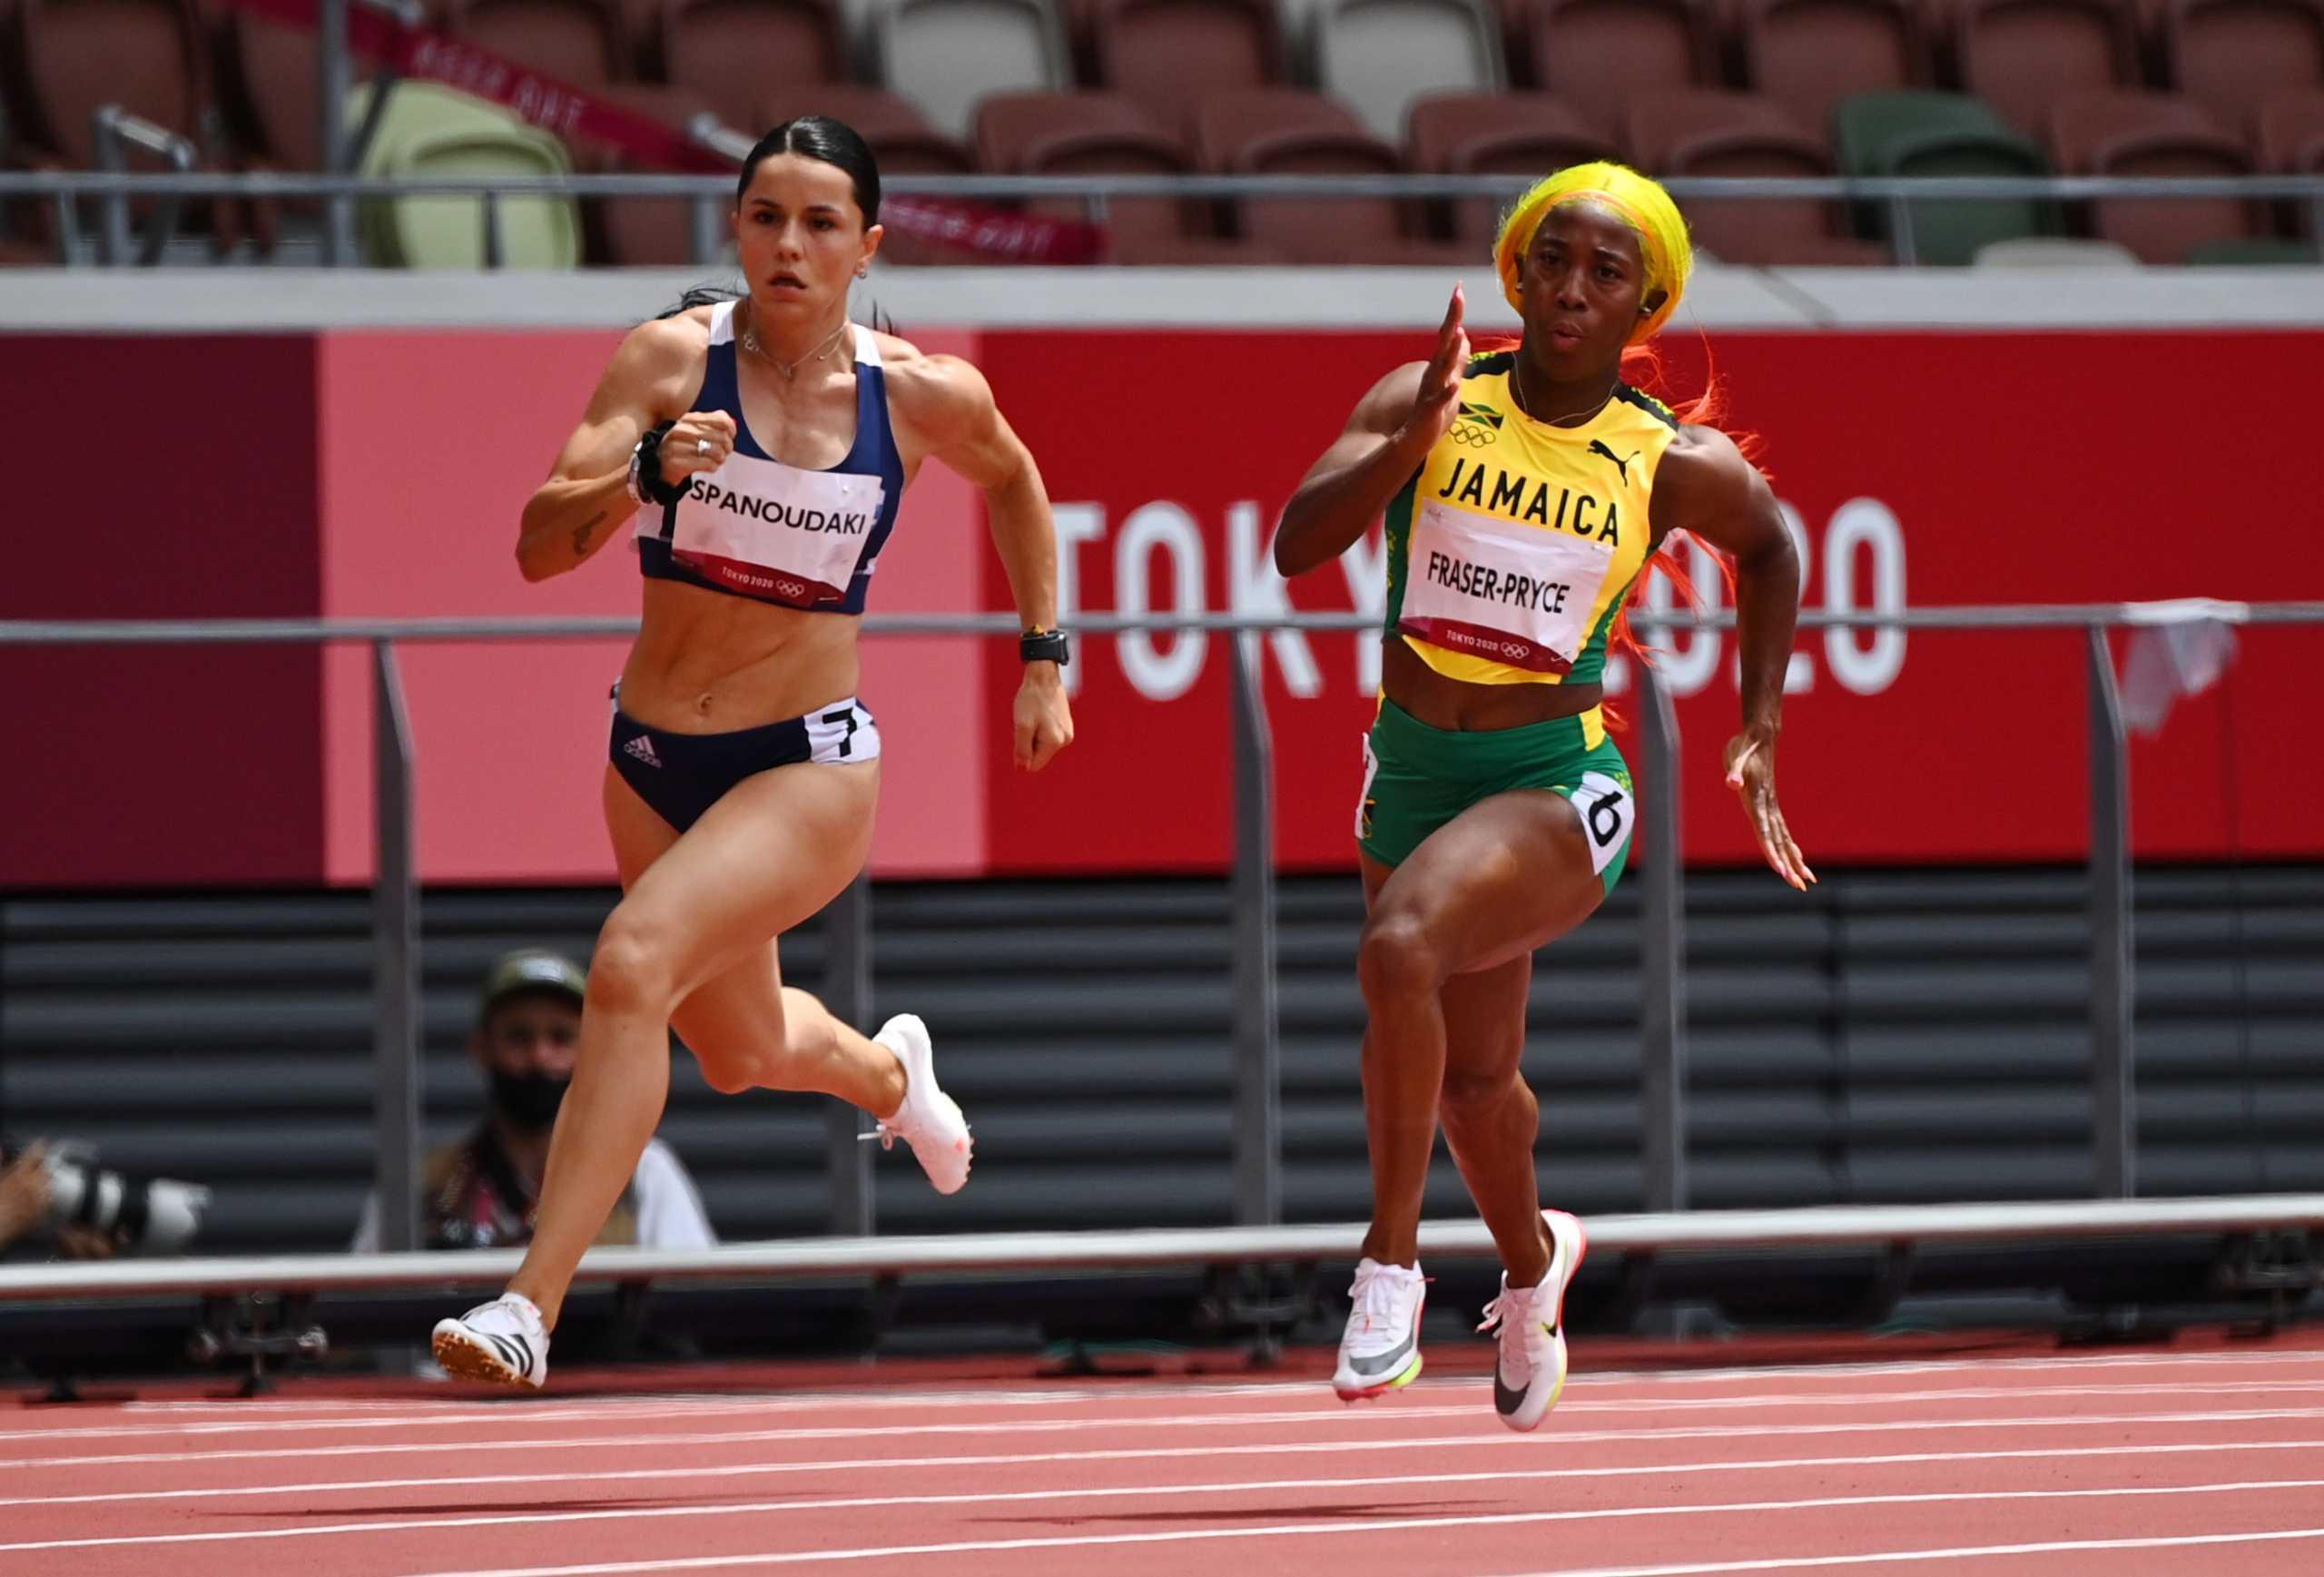 Ολυμπιακοί Αγώνες: Στα ημιτελικά των 200μ. γυναικών η Ραφαέλα Σπανουδάκη